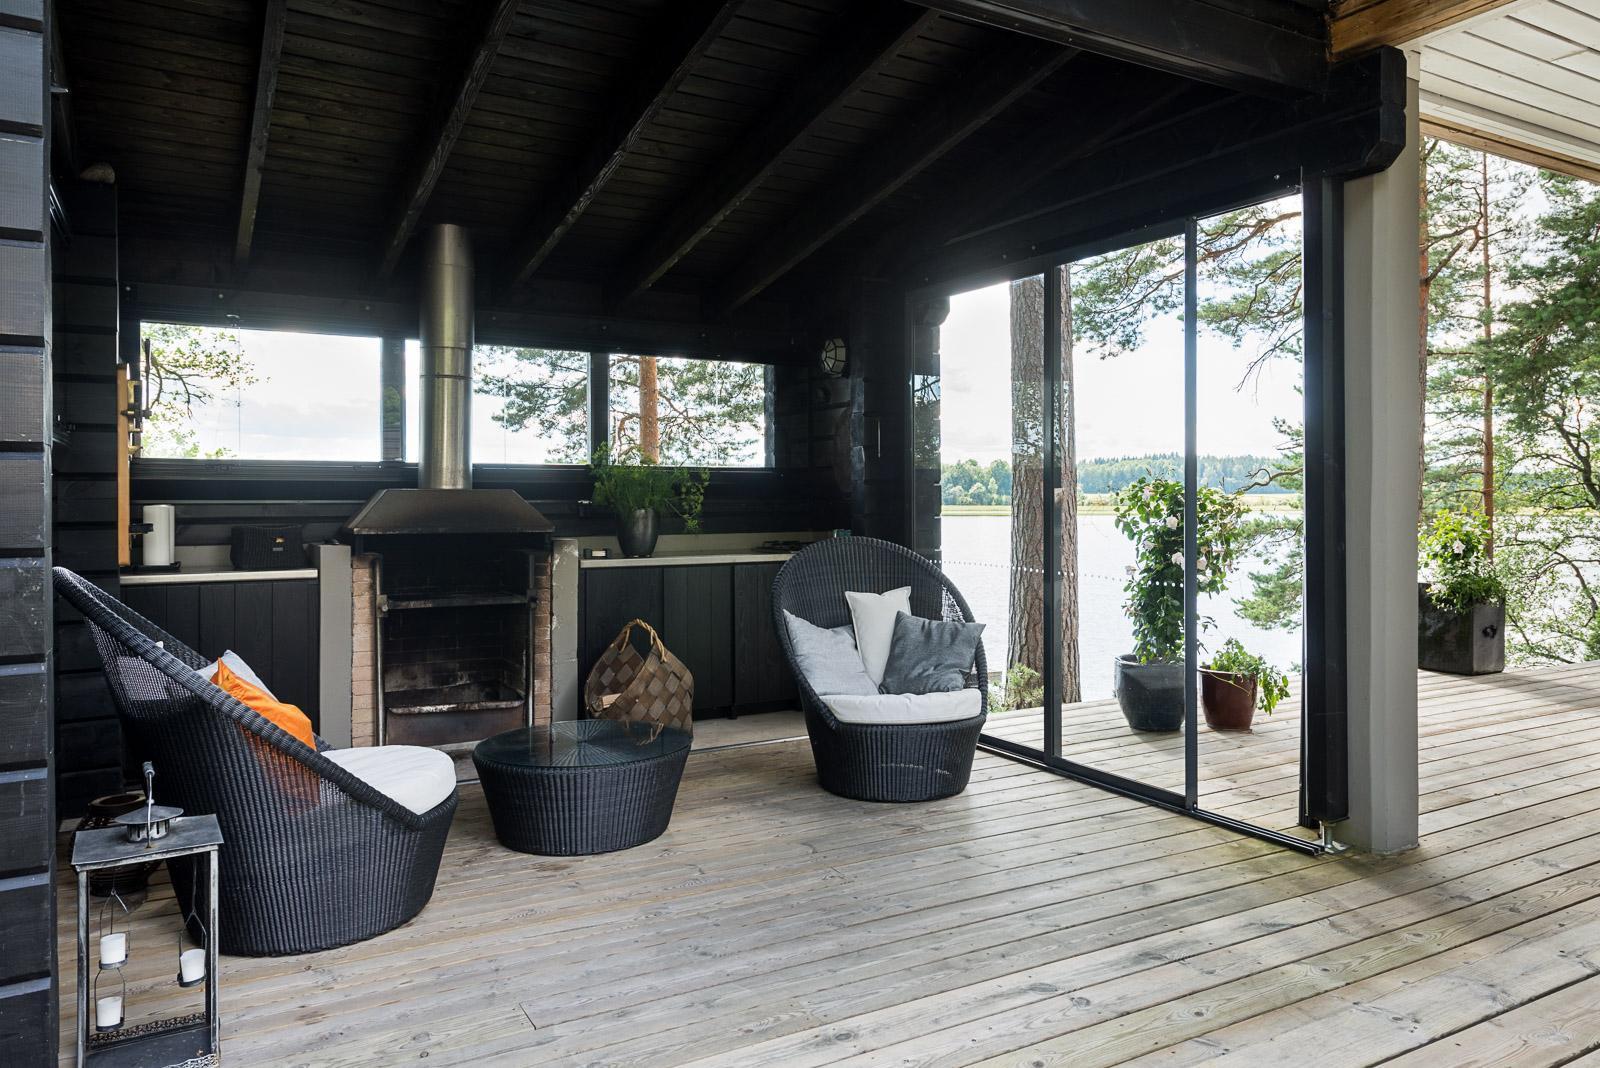 Moderni kesäkeittiö järvinäköalalla  Etuovi com Ideat & vinkit